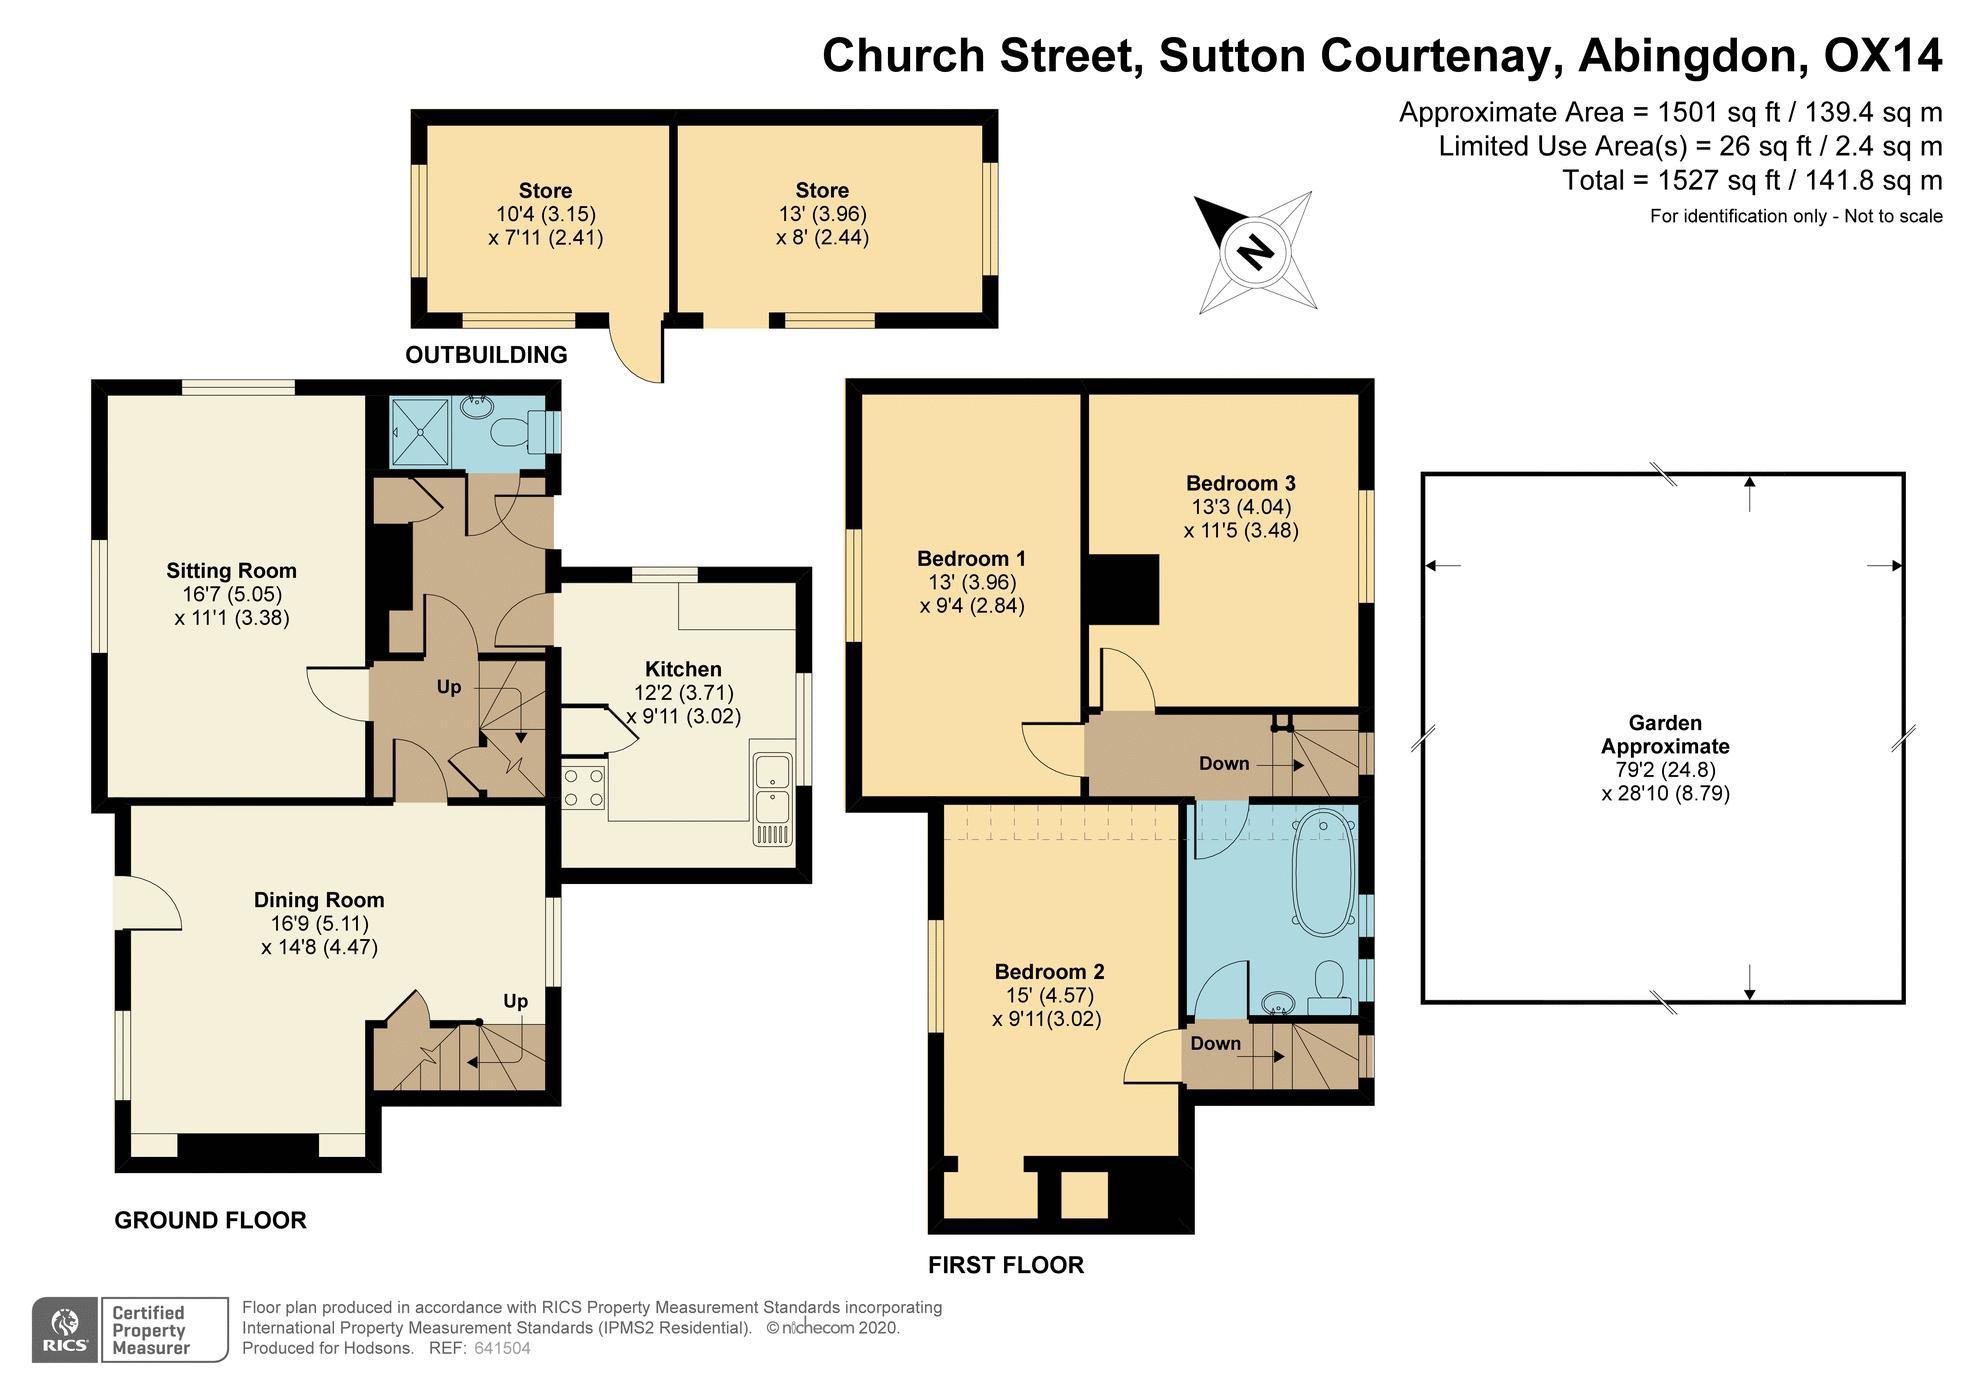 Church Street Sutton Courtenay